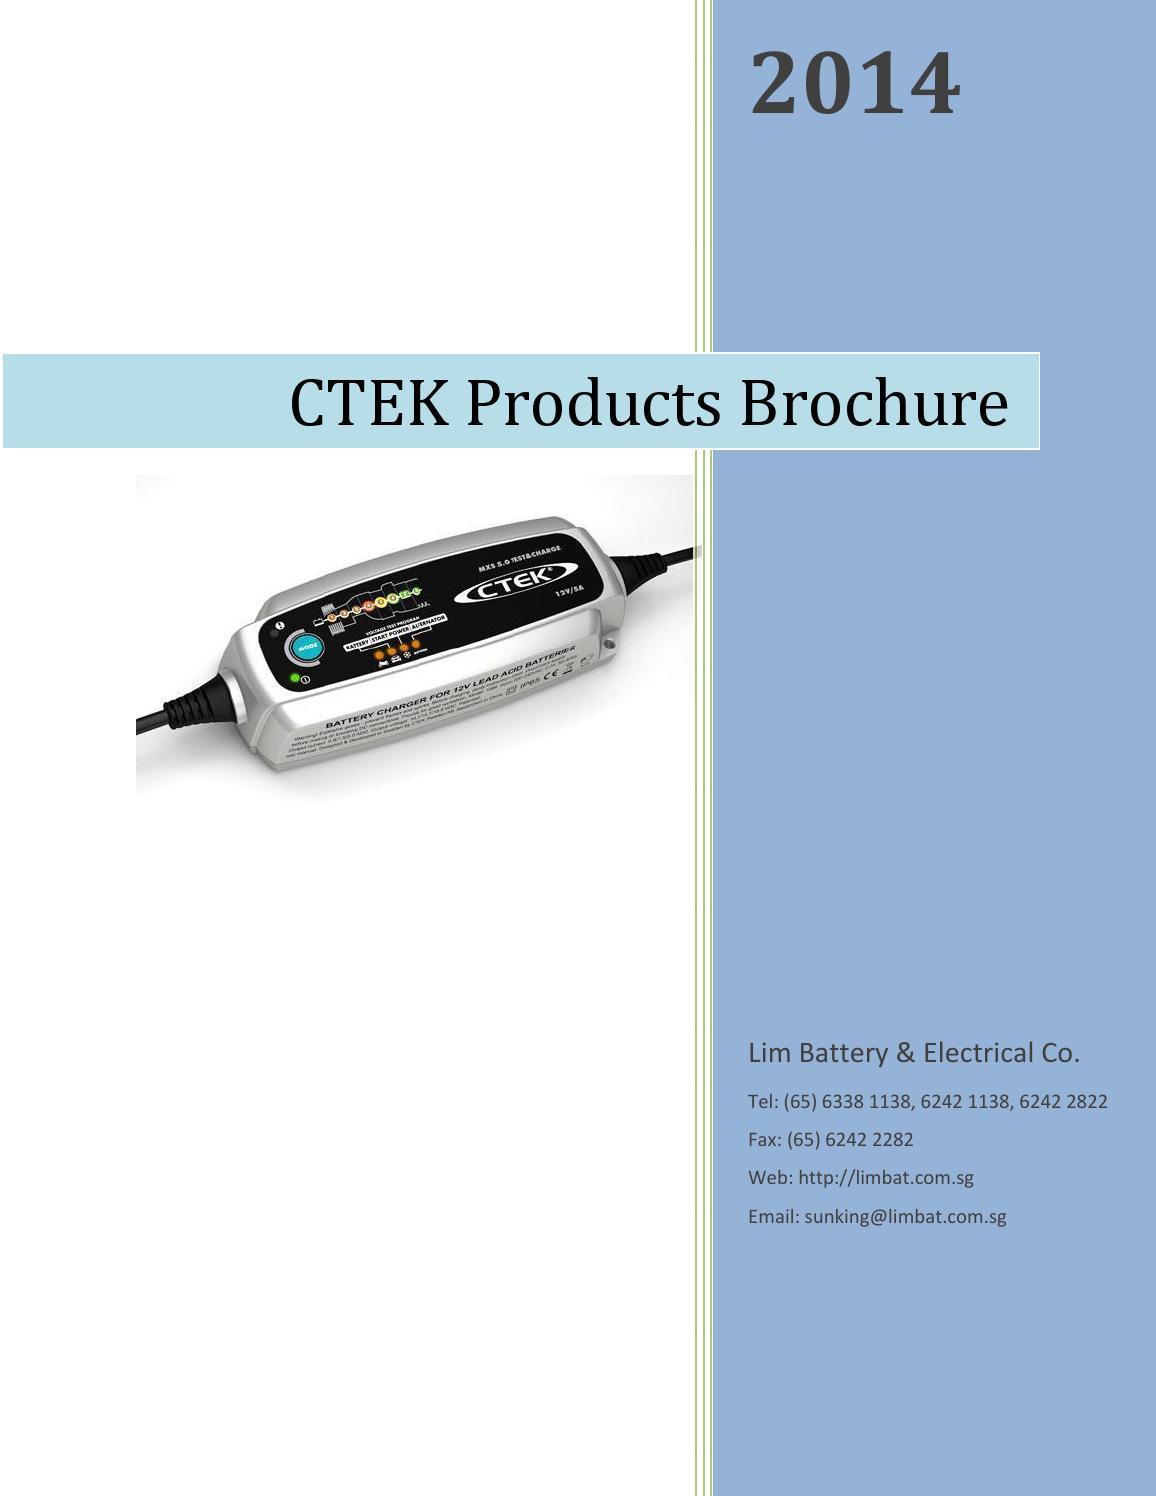 Durable Tough Connect Extension Cable Charger Flexible Cables 2.5M Safe CTEK New